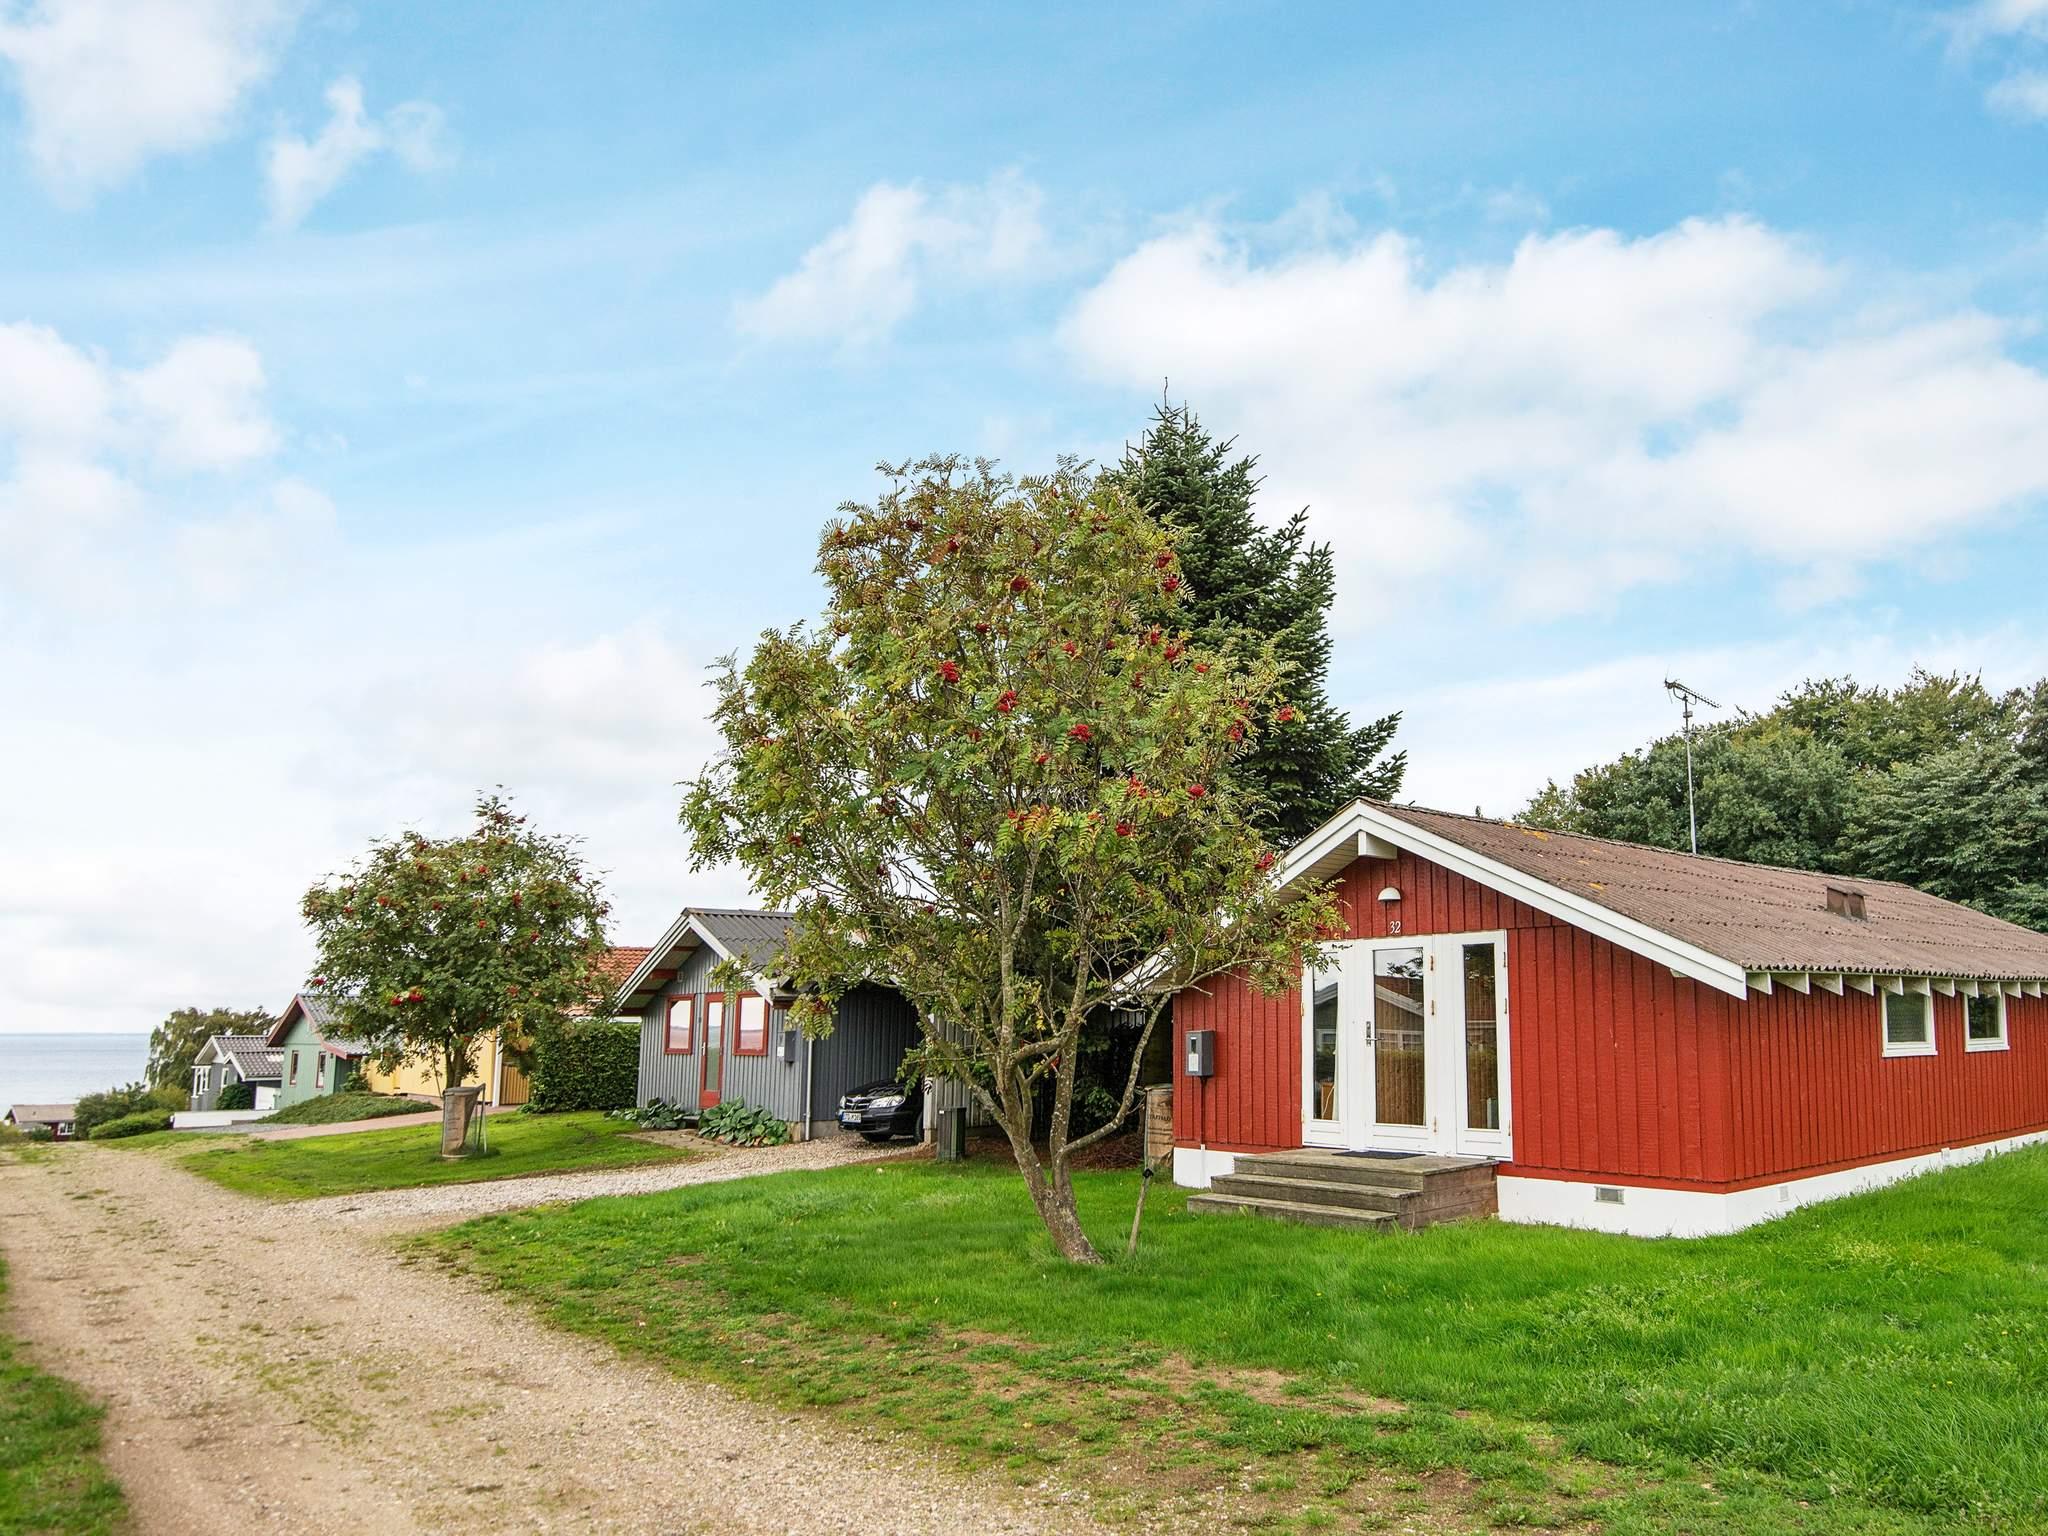 Ferienhaus Binderup Strand (2523586), Binderup, , Südostjütland, Dänemark, Bild 1